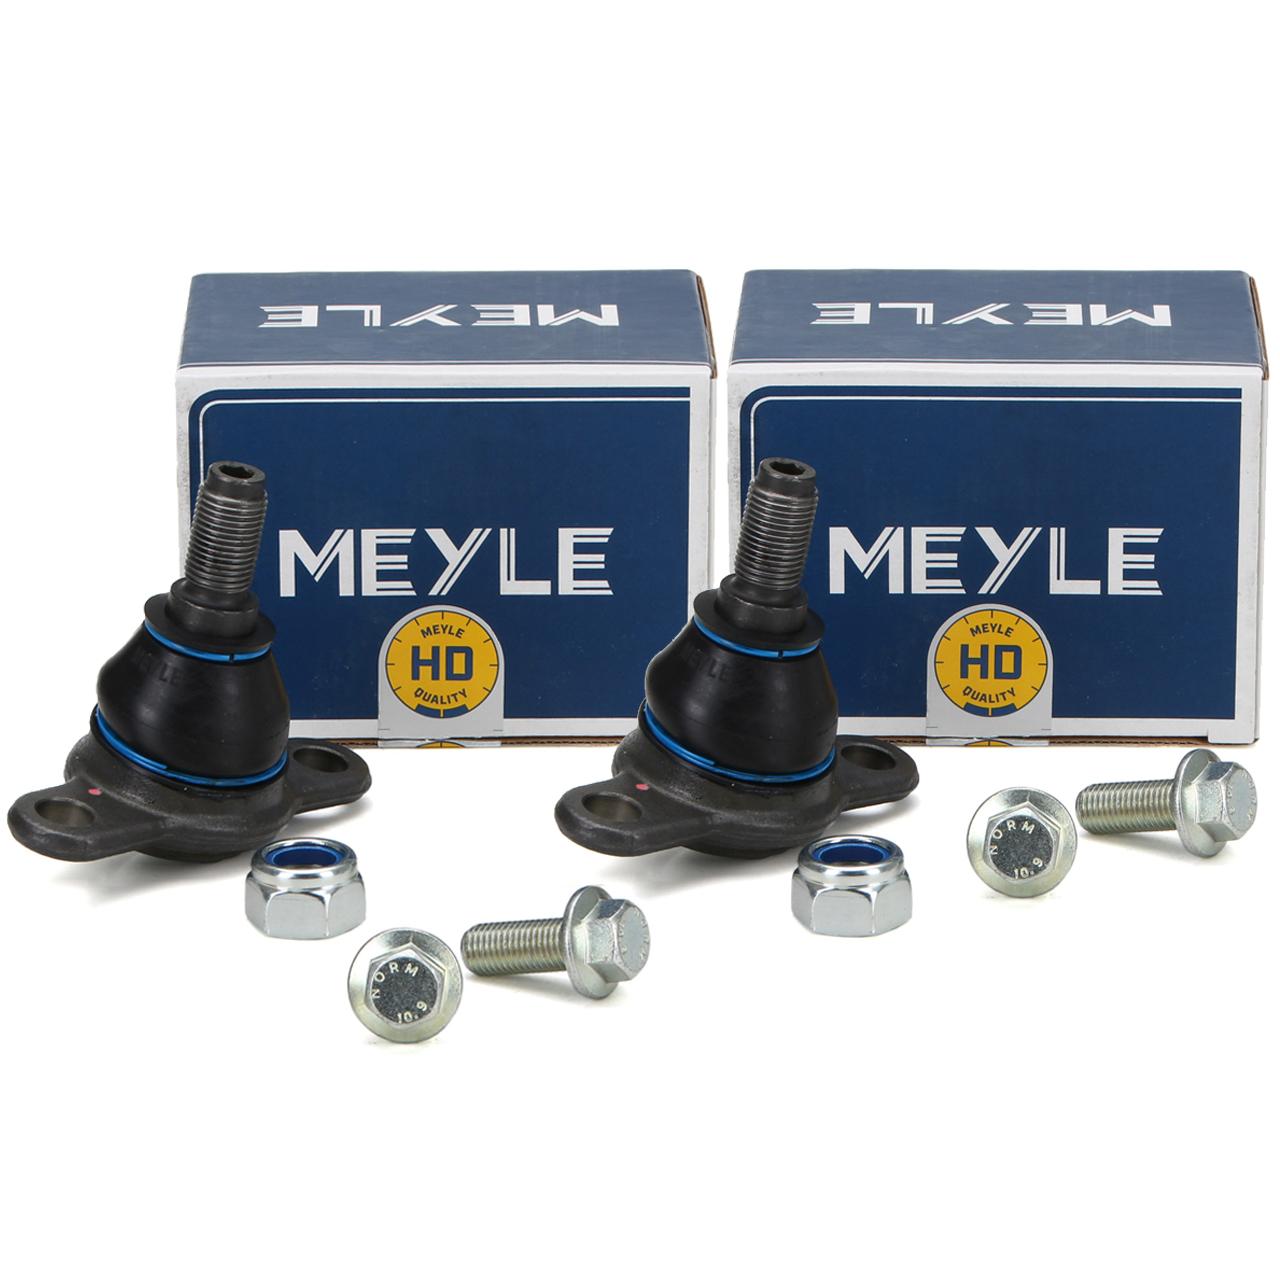 2x MEYLE HD Traggelenk für VW TRANSPORTER T4 ab Fgst.-Nr vorne unten 7D0407361